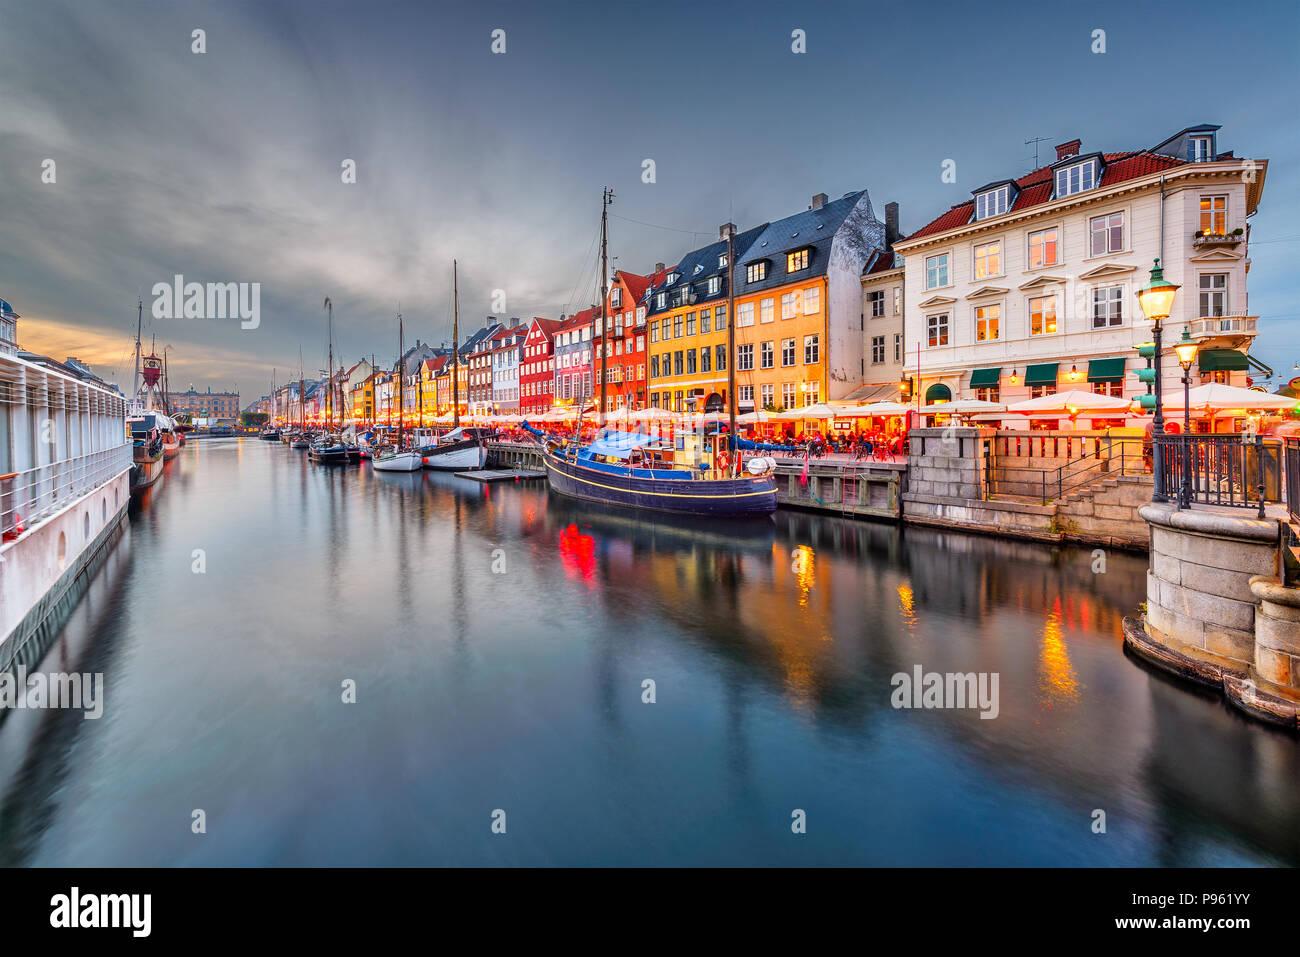 Copenhague, Danemark sur le canal de Nyhavn. Photo Stock